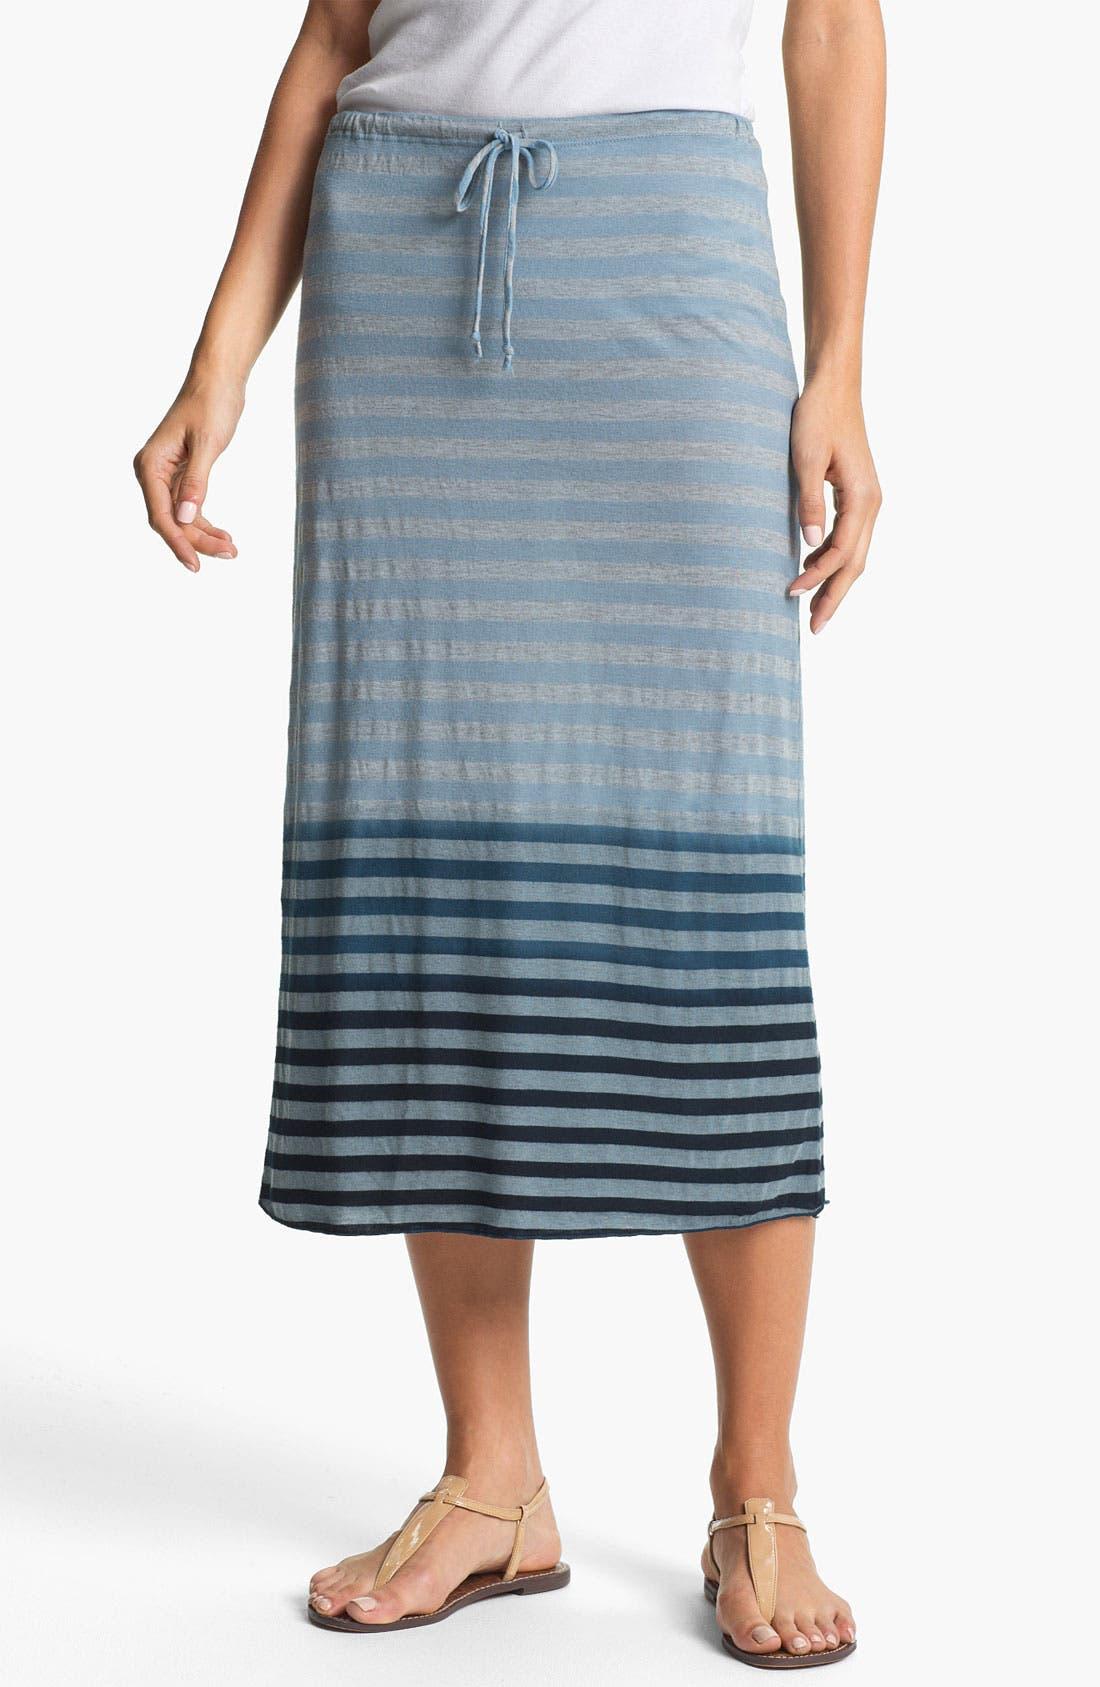 Alternate Image 1 Selected - Allen Allen Ombré Stripe Tube Skirt